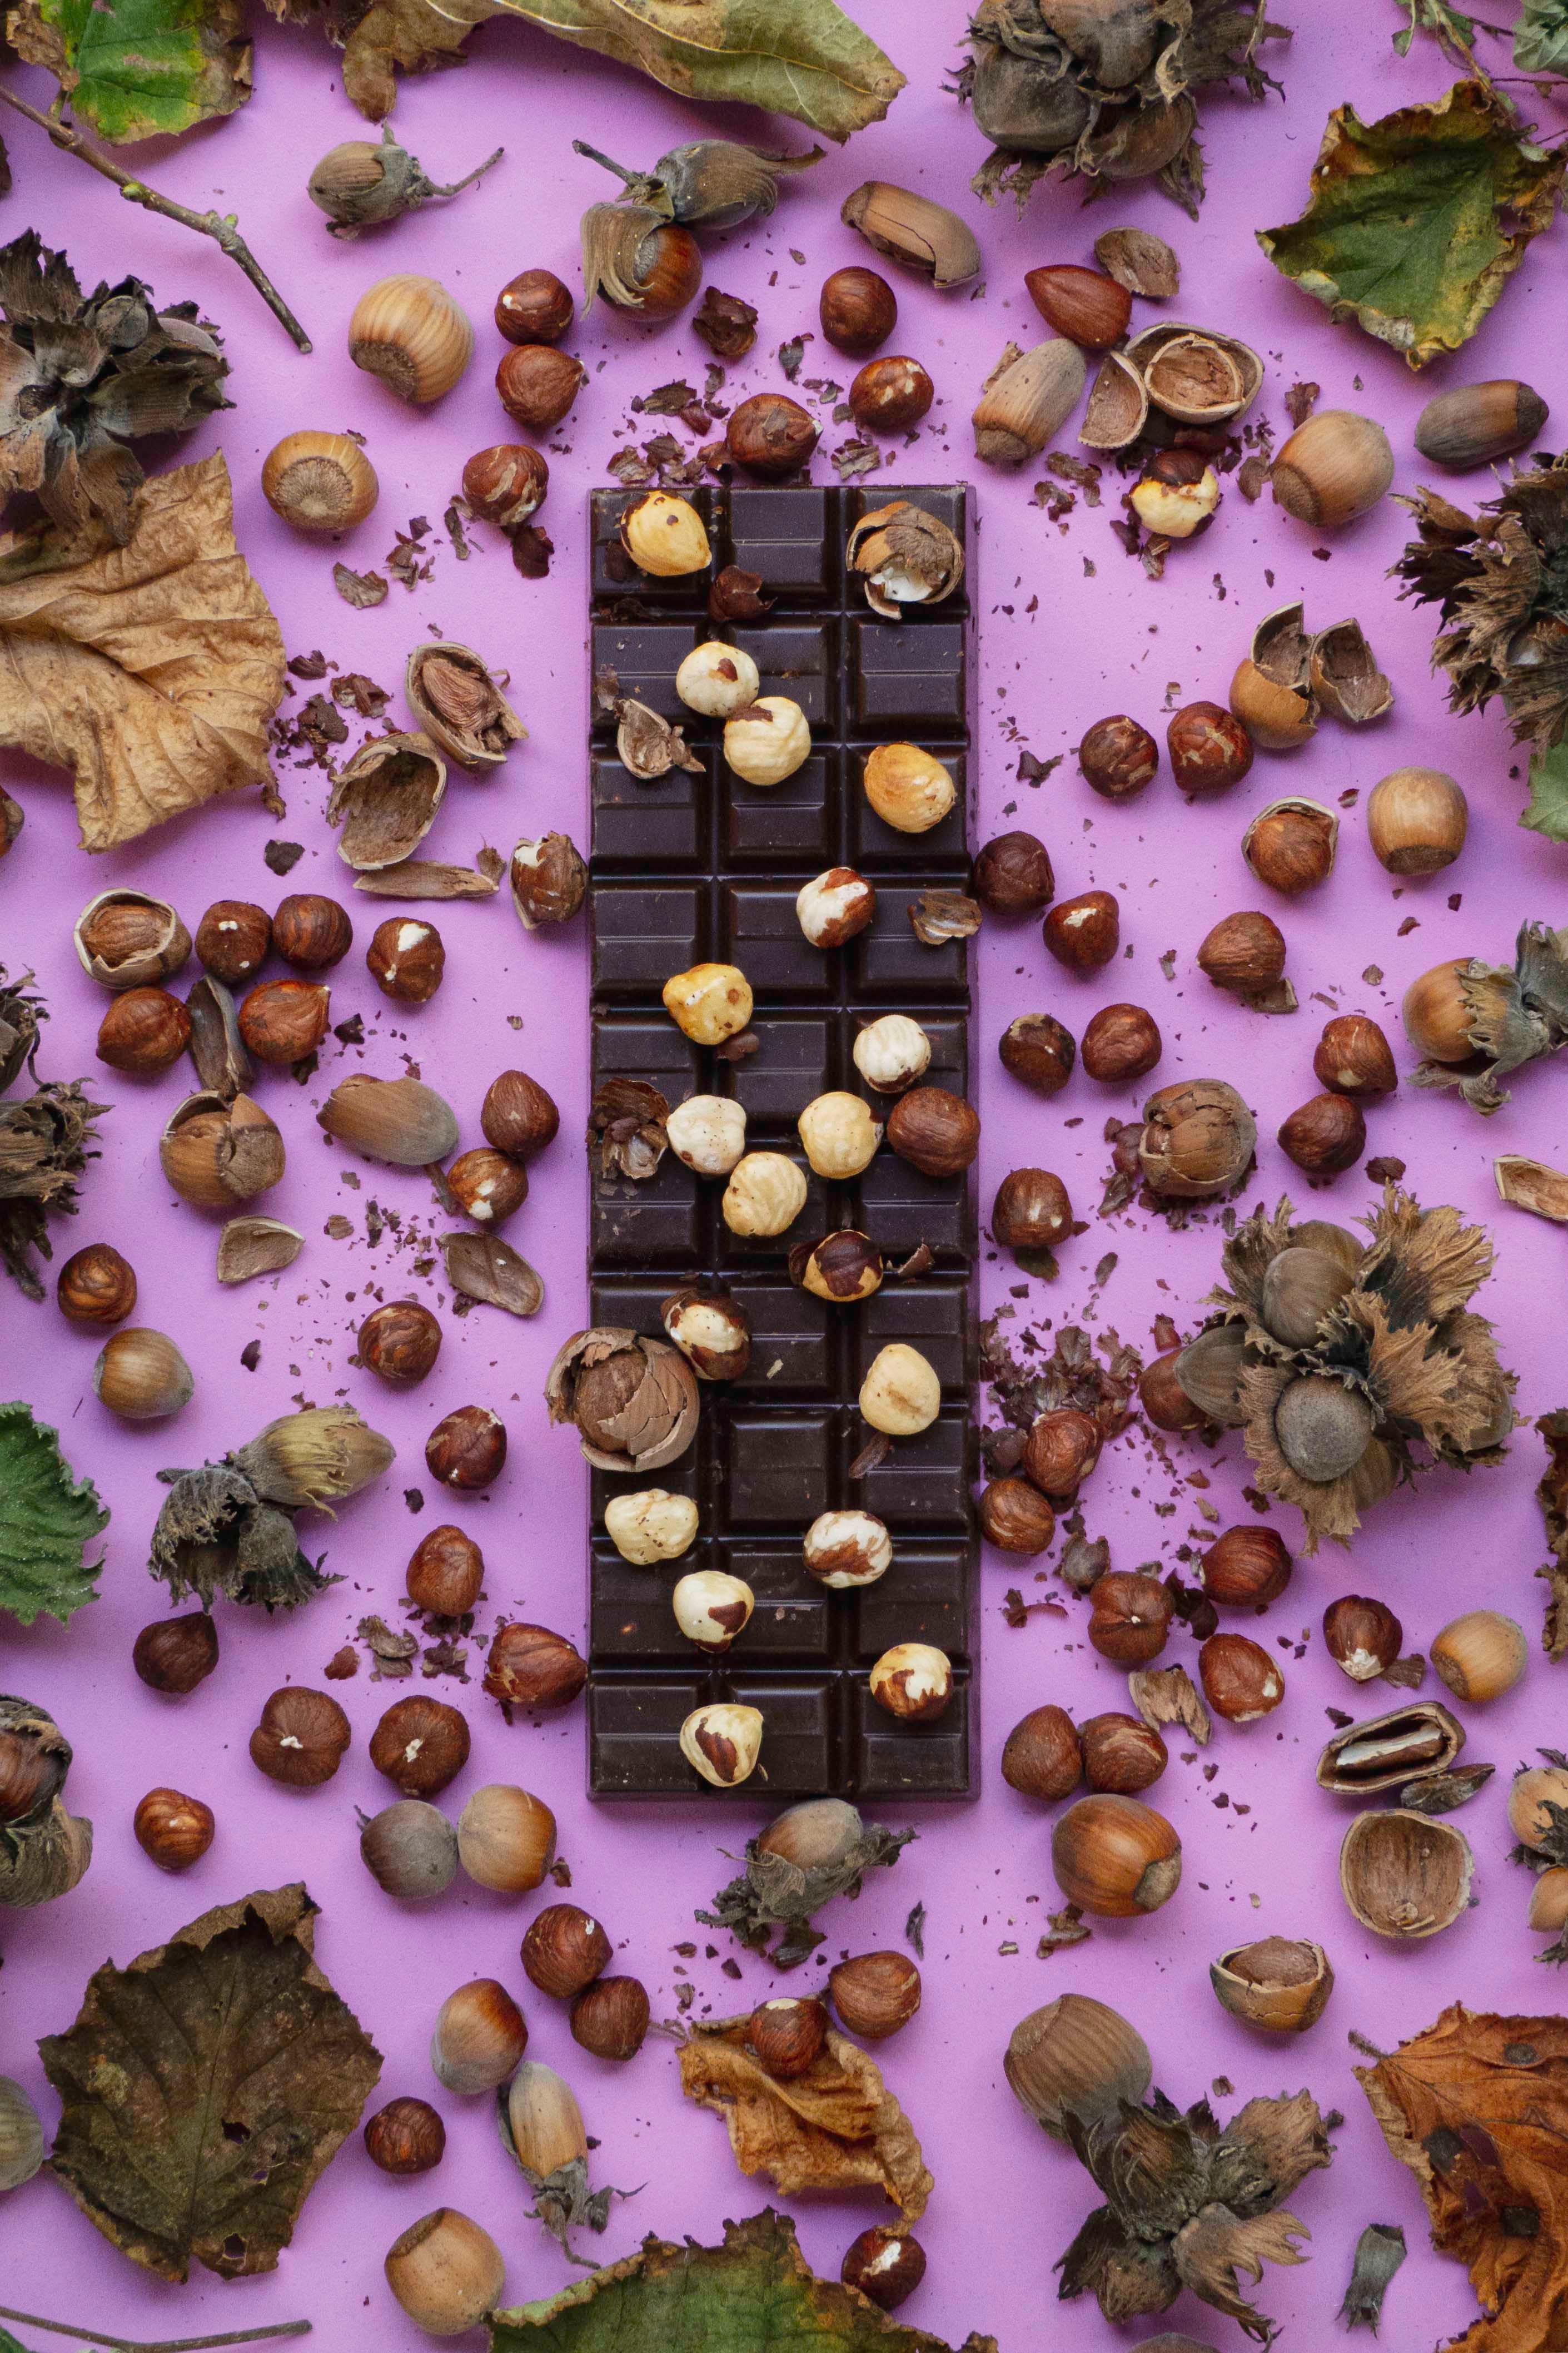 106543 скачать обои Еда, Шоколад, Плитка Шоколадка, Вкусный, Орехи, Сладость - заставки и картинки бесплатно